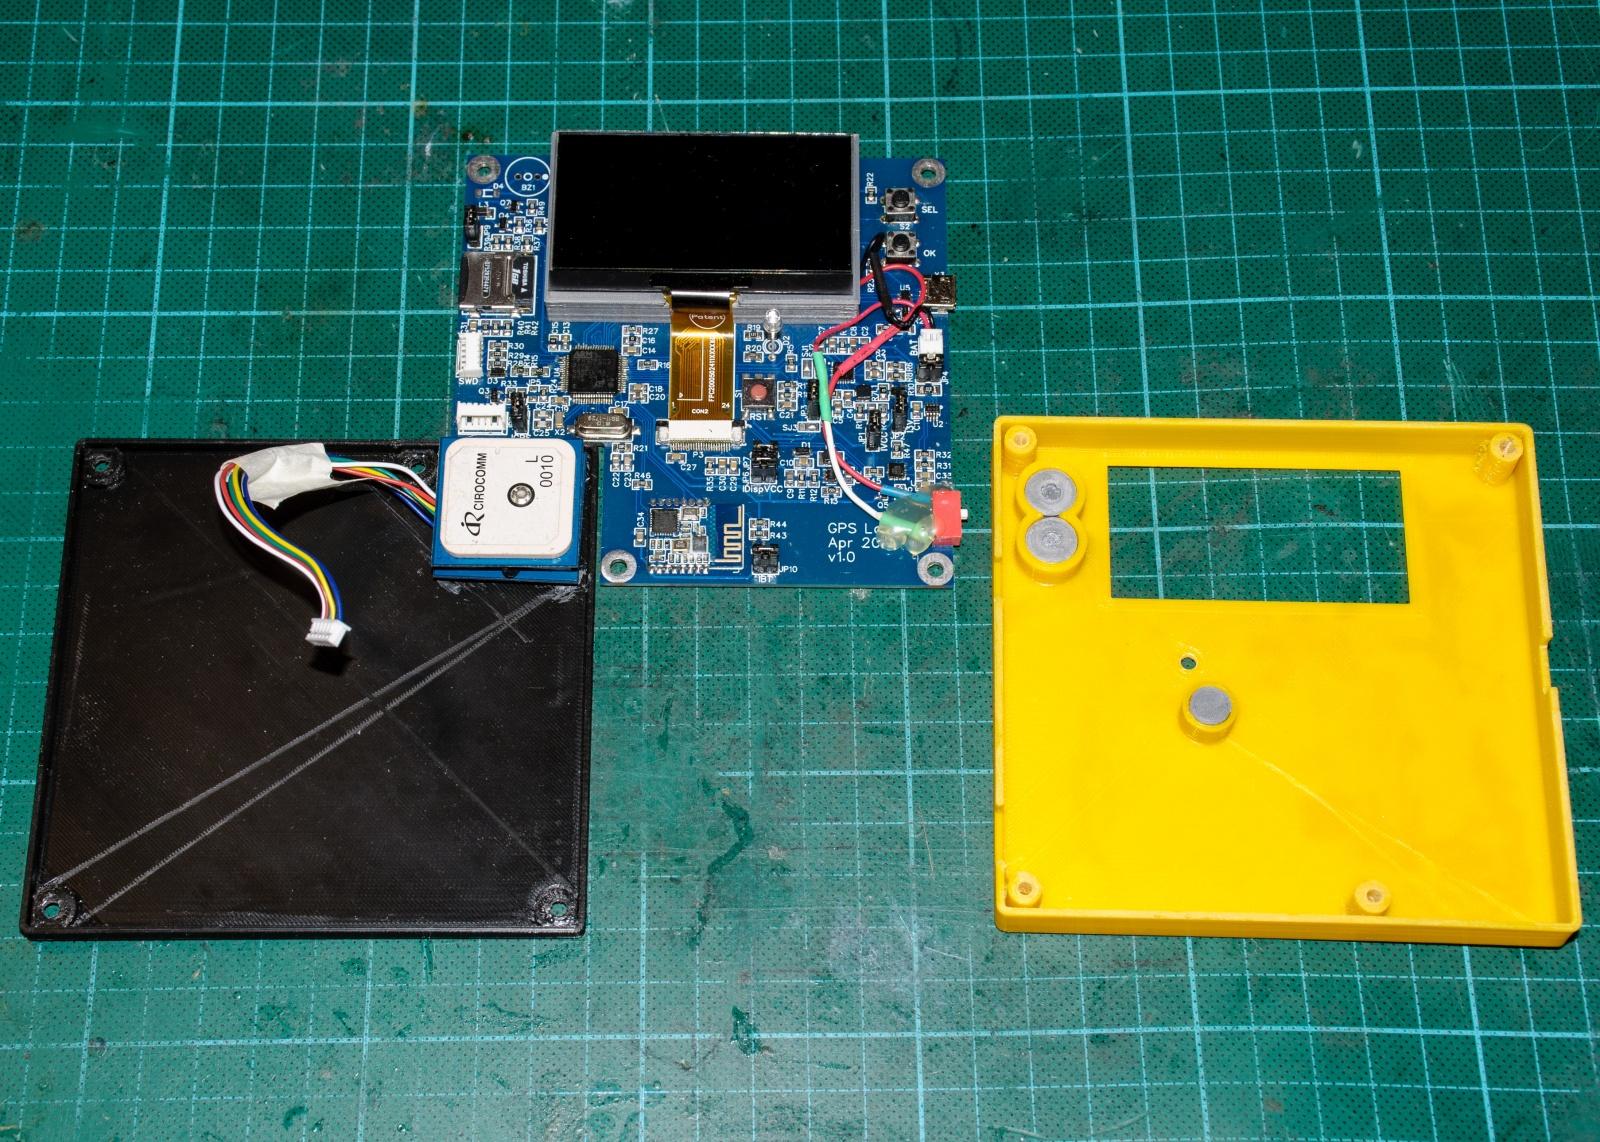 КПК (Карманный Путевой Компьютер): Схемотехника GPS логгера - 33